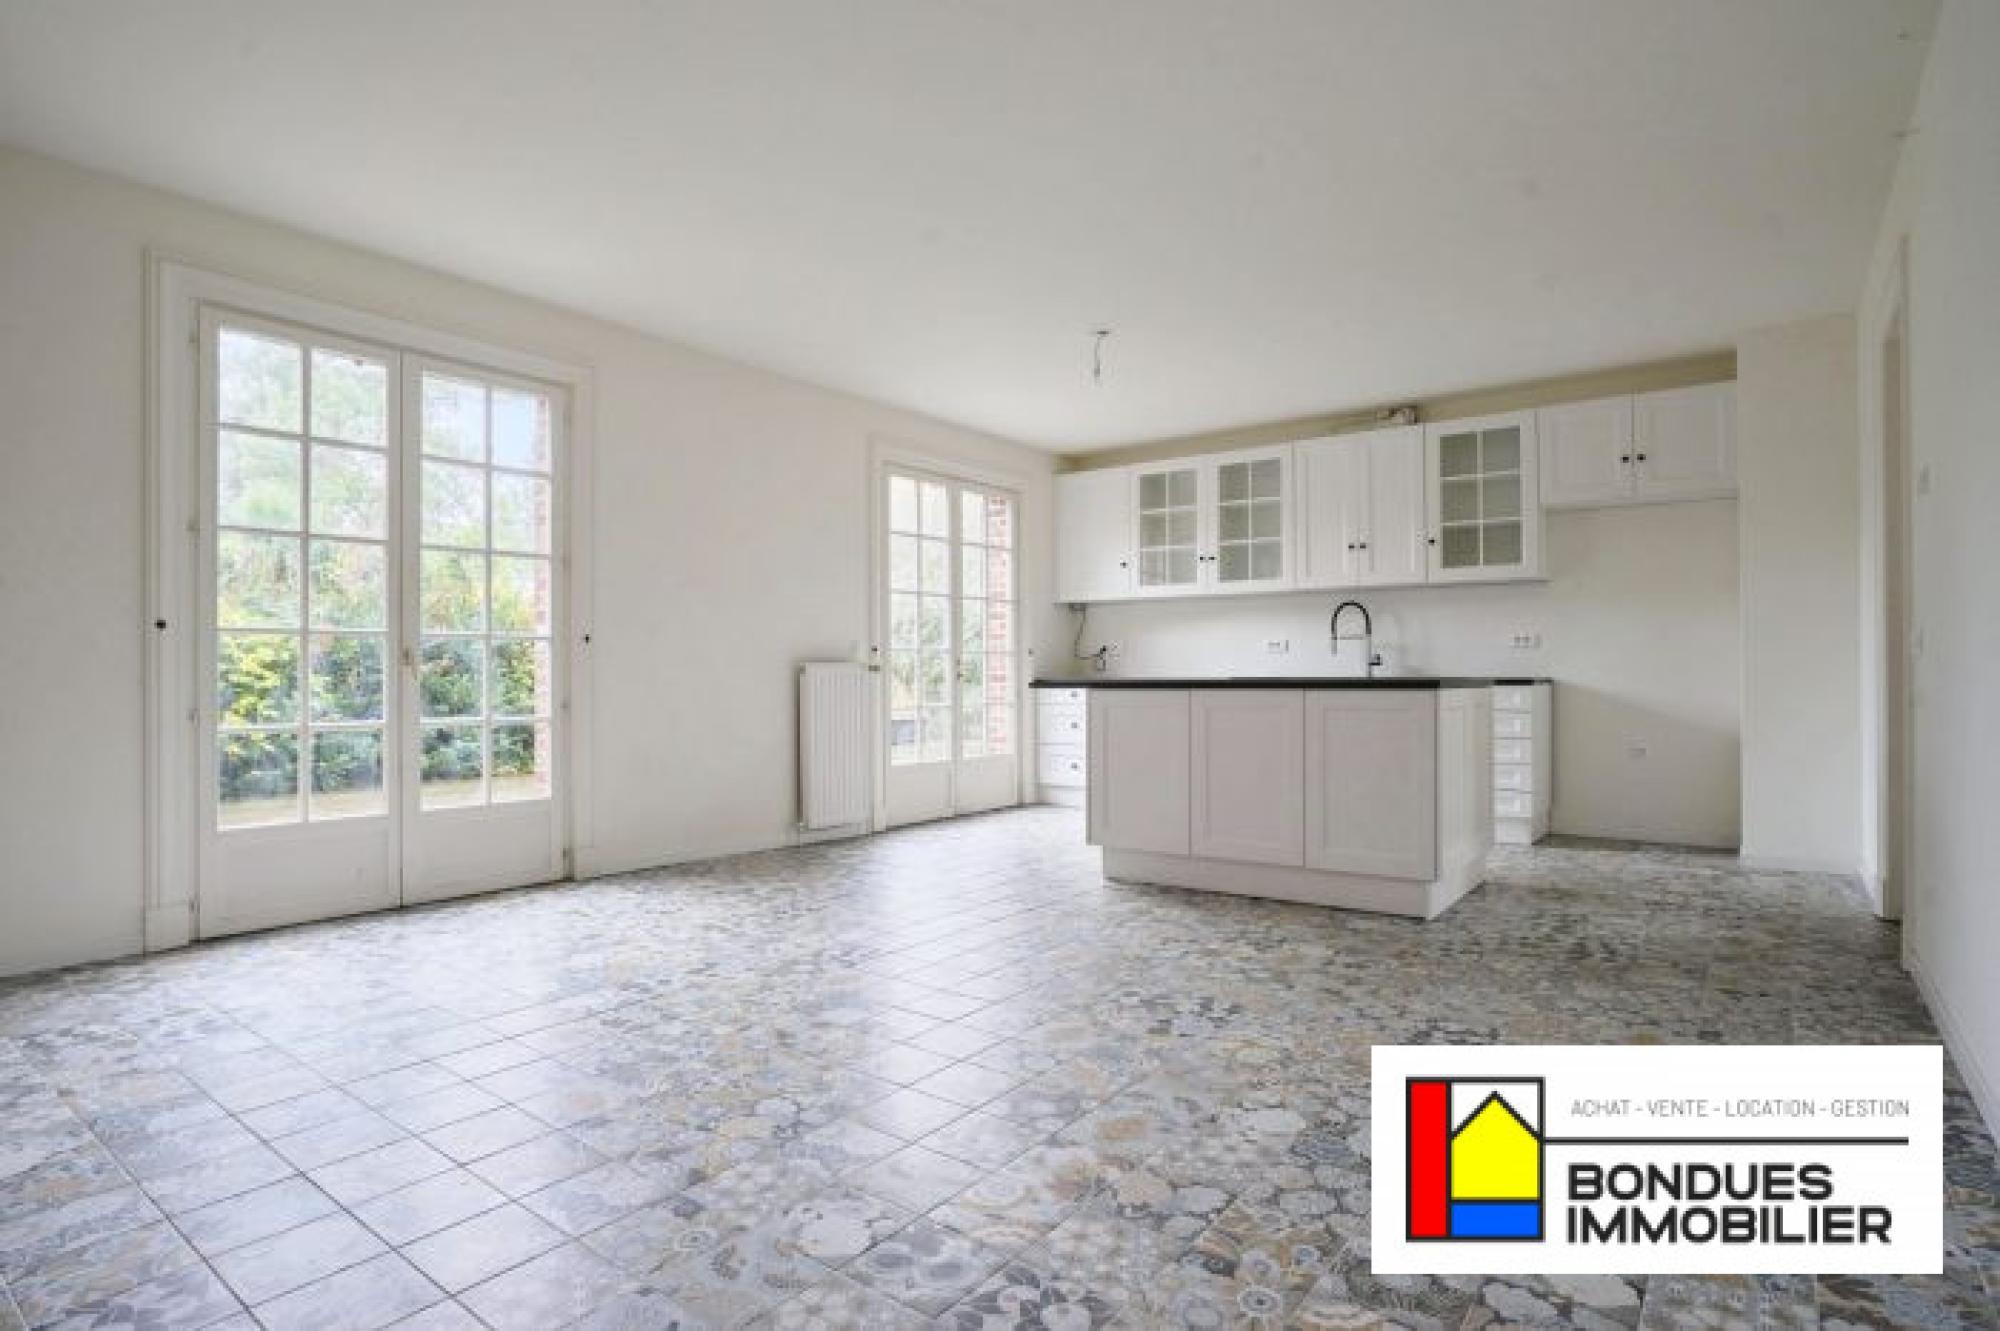 vente maison bondues refVM420 (6)